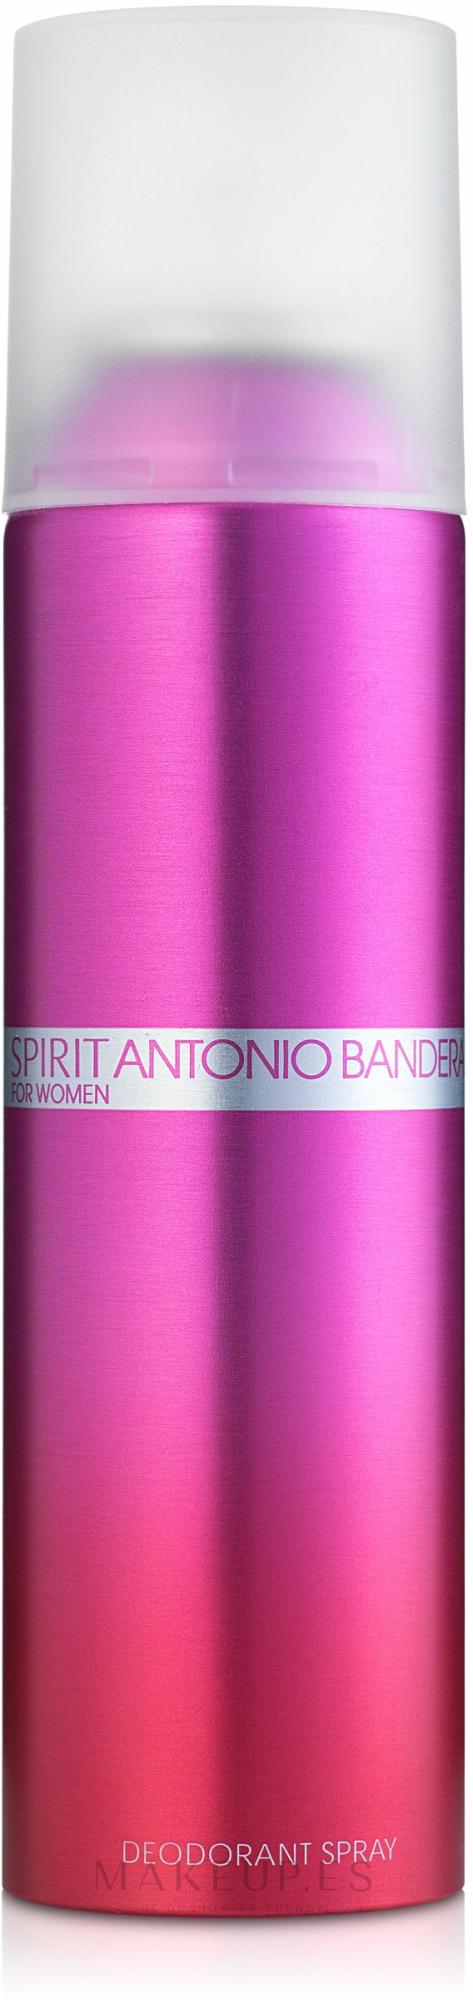 Spirit Antonio Banderas for Woman - Desodorante spray — imagen 150 ml